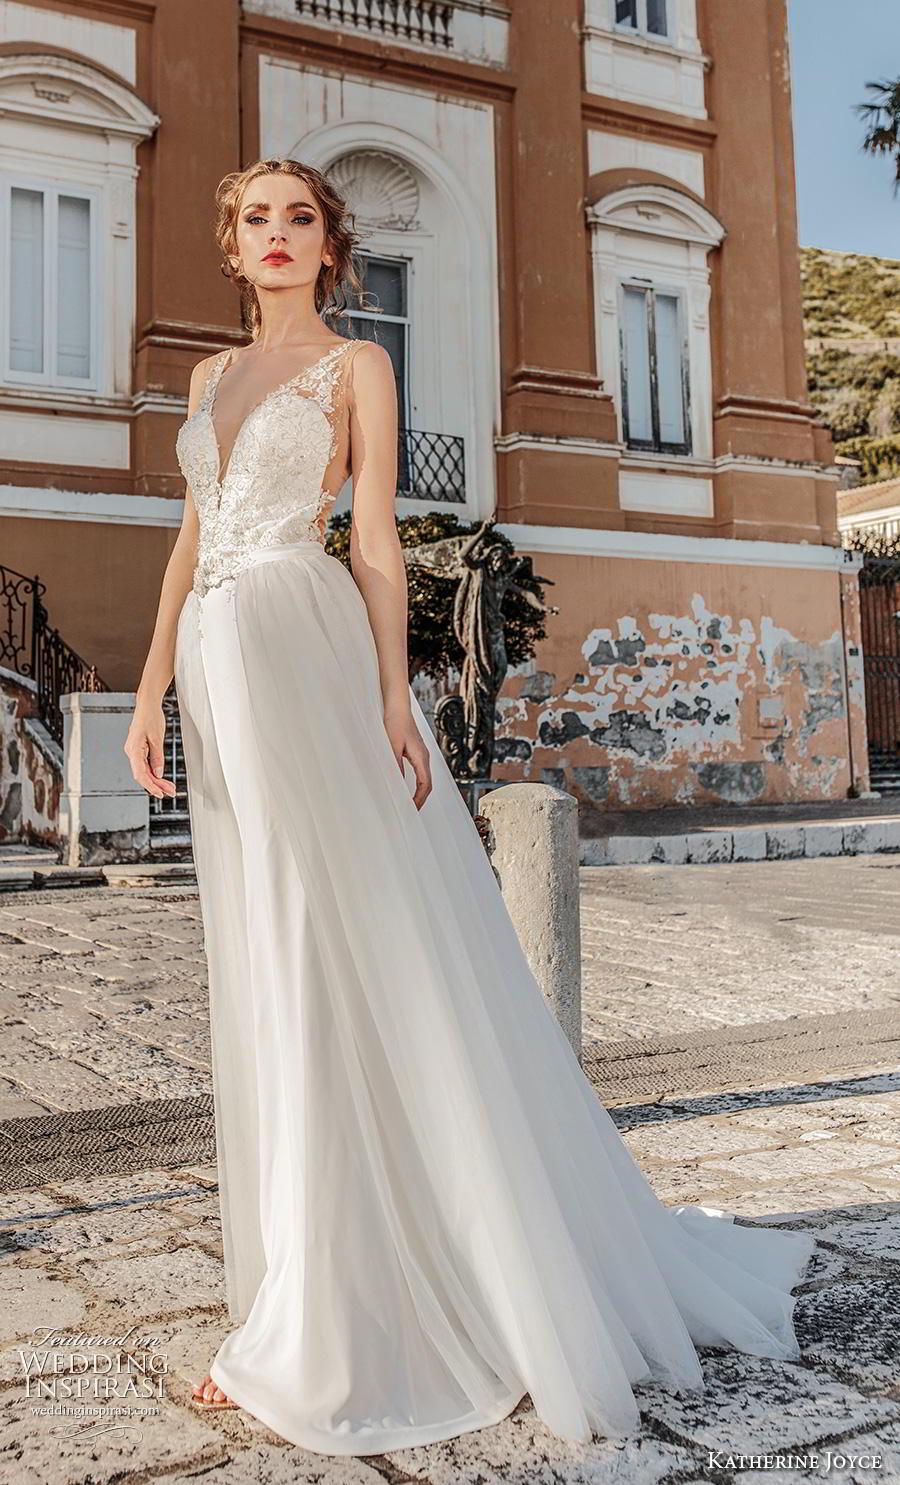 katherine joyce 2019 bridal sleeveless deep plunging v neck heavily embellished bodice elegant a  line wedding dress v back medium train (4) mv